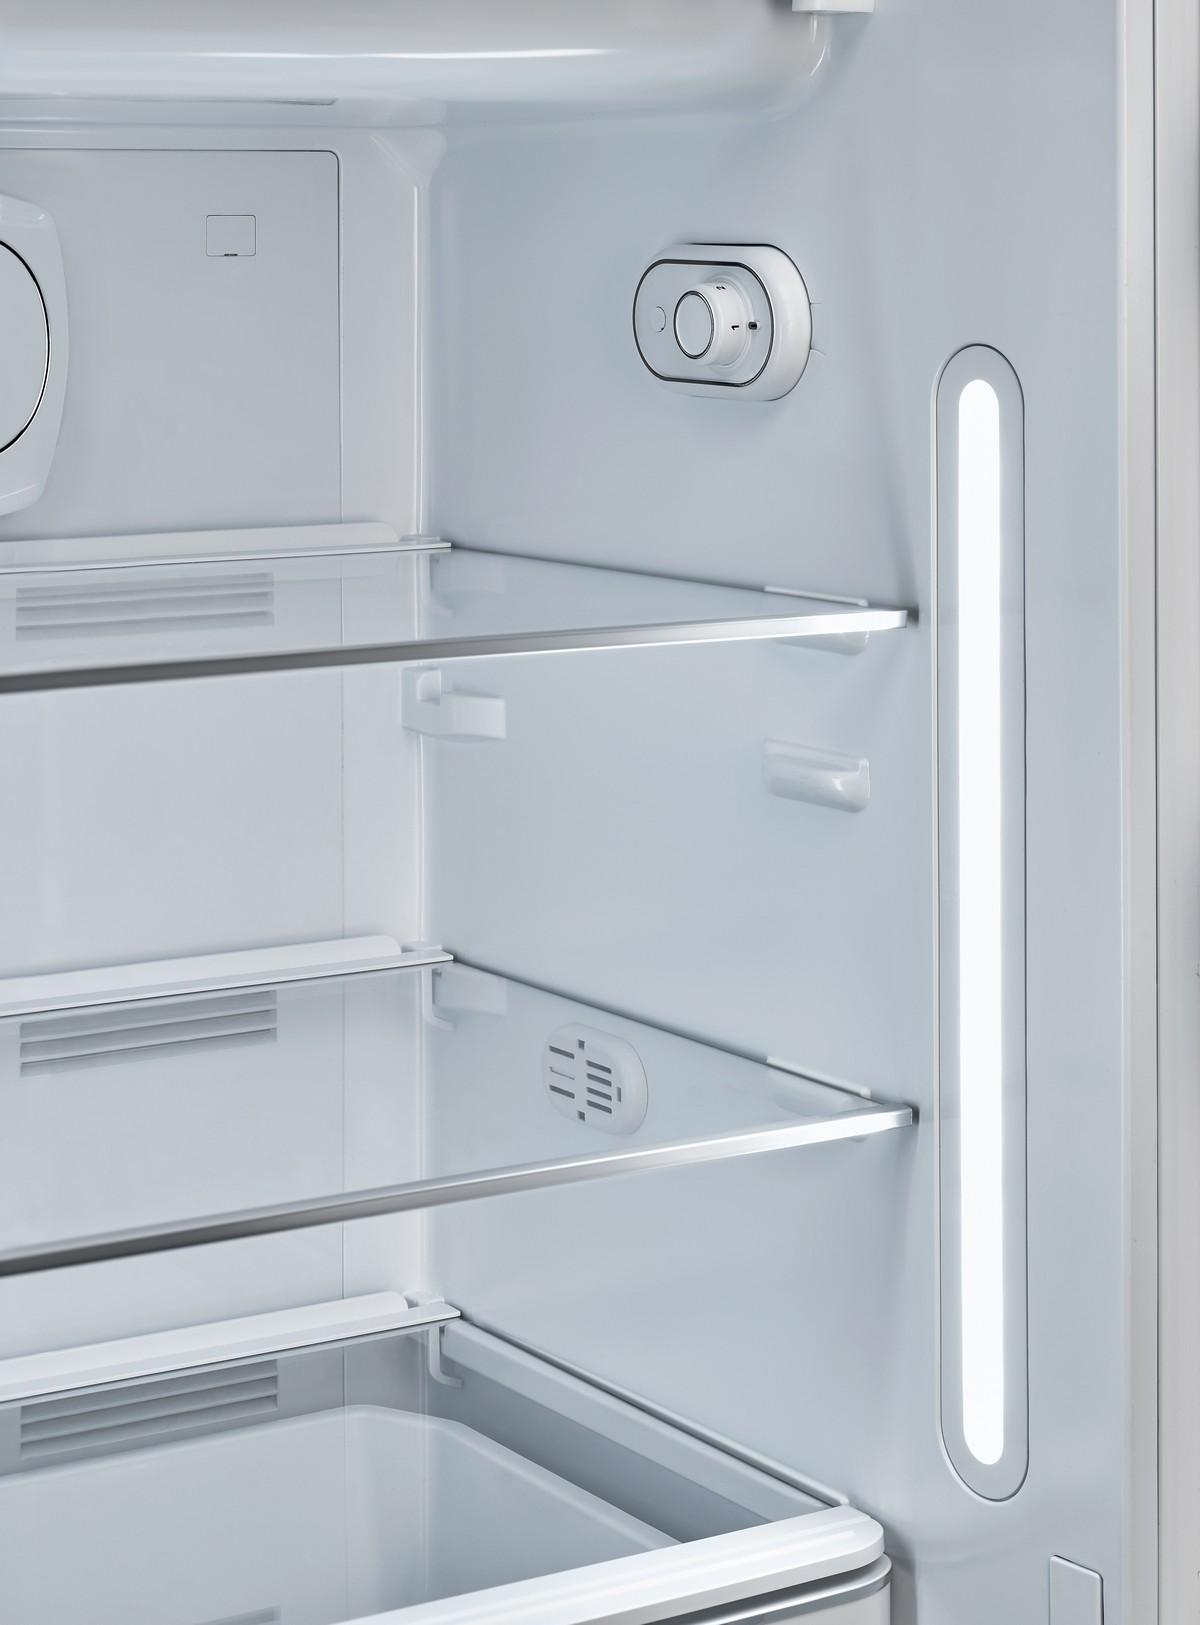 Smeg frigorifero FAB28